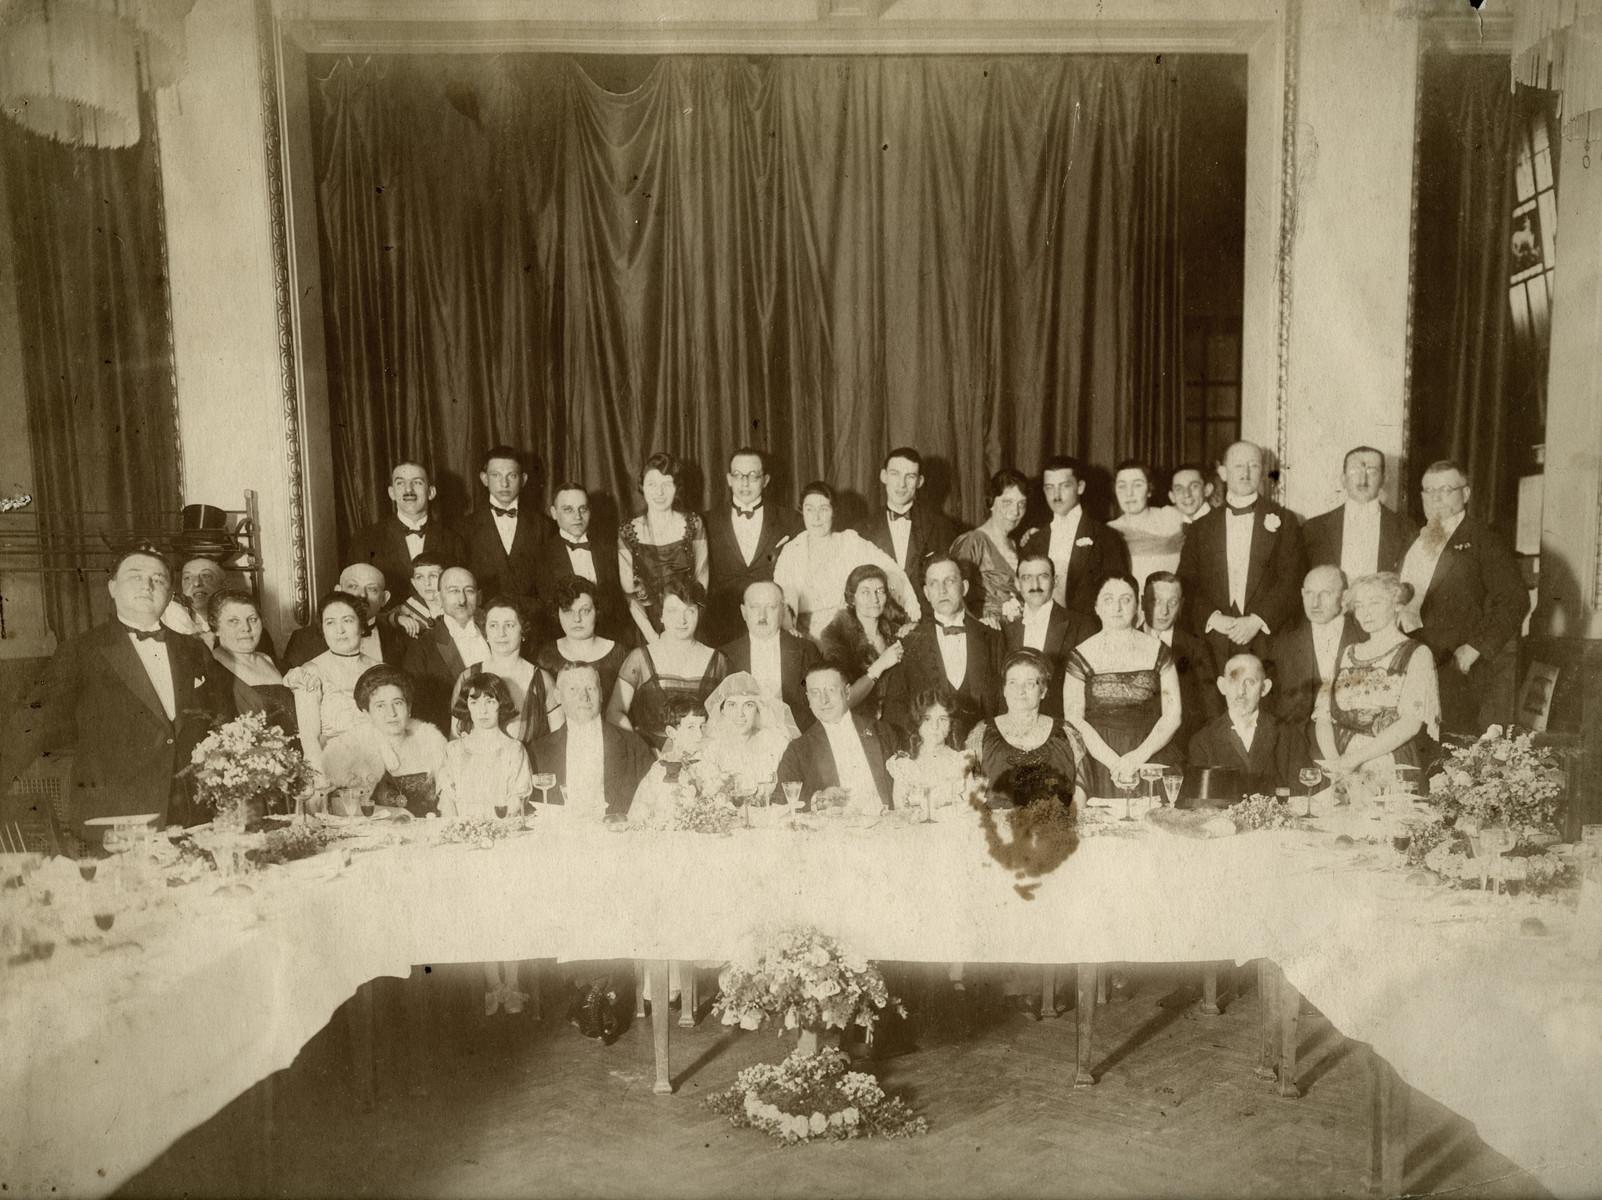 Wedding party of Karl and Rosa Lewinnek.